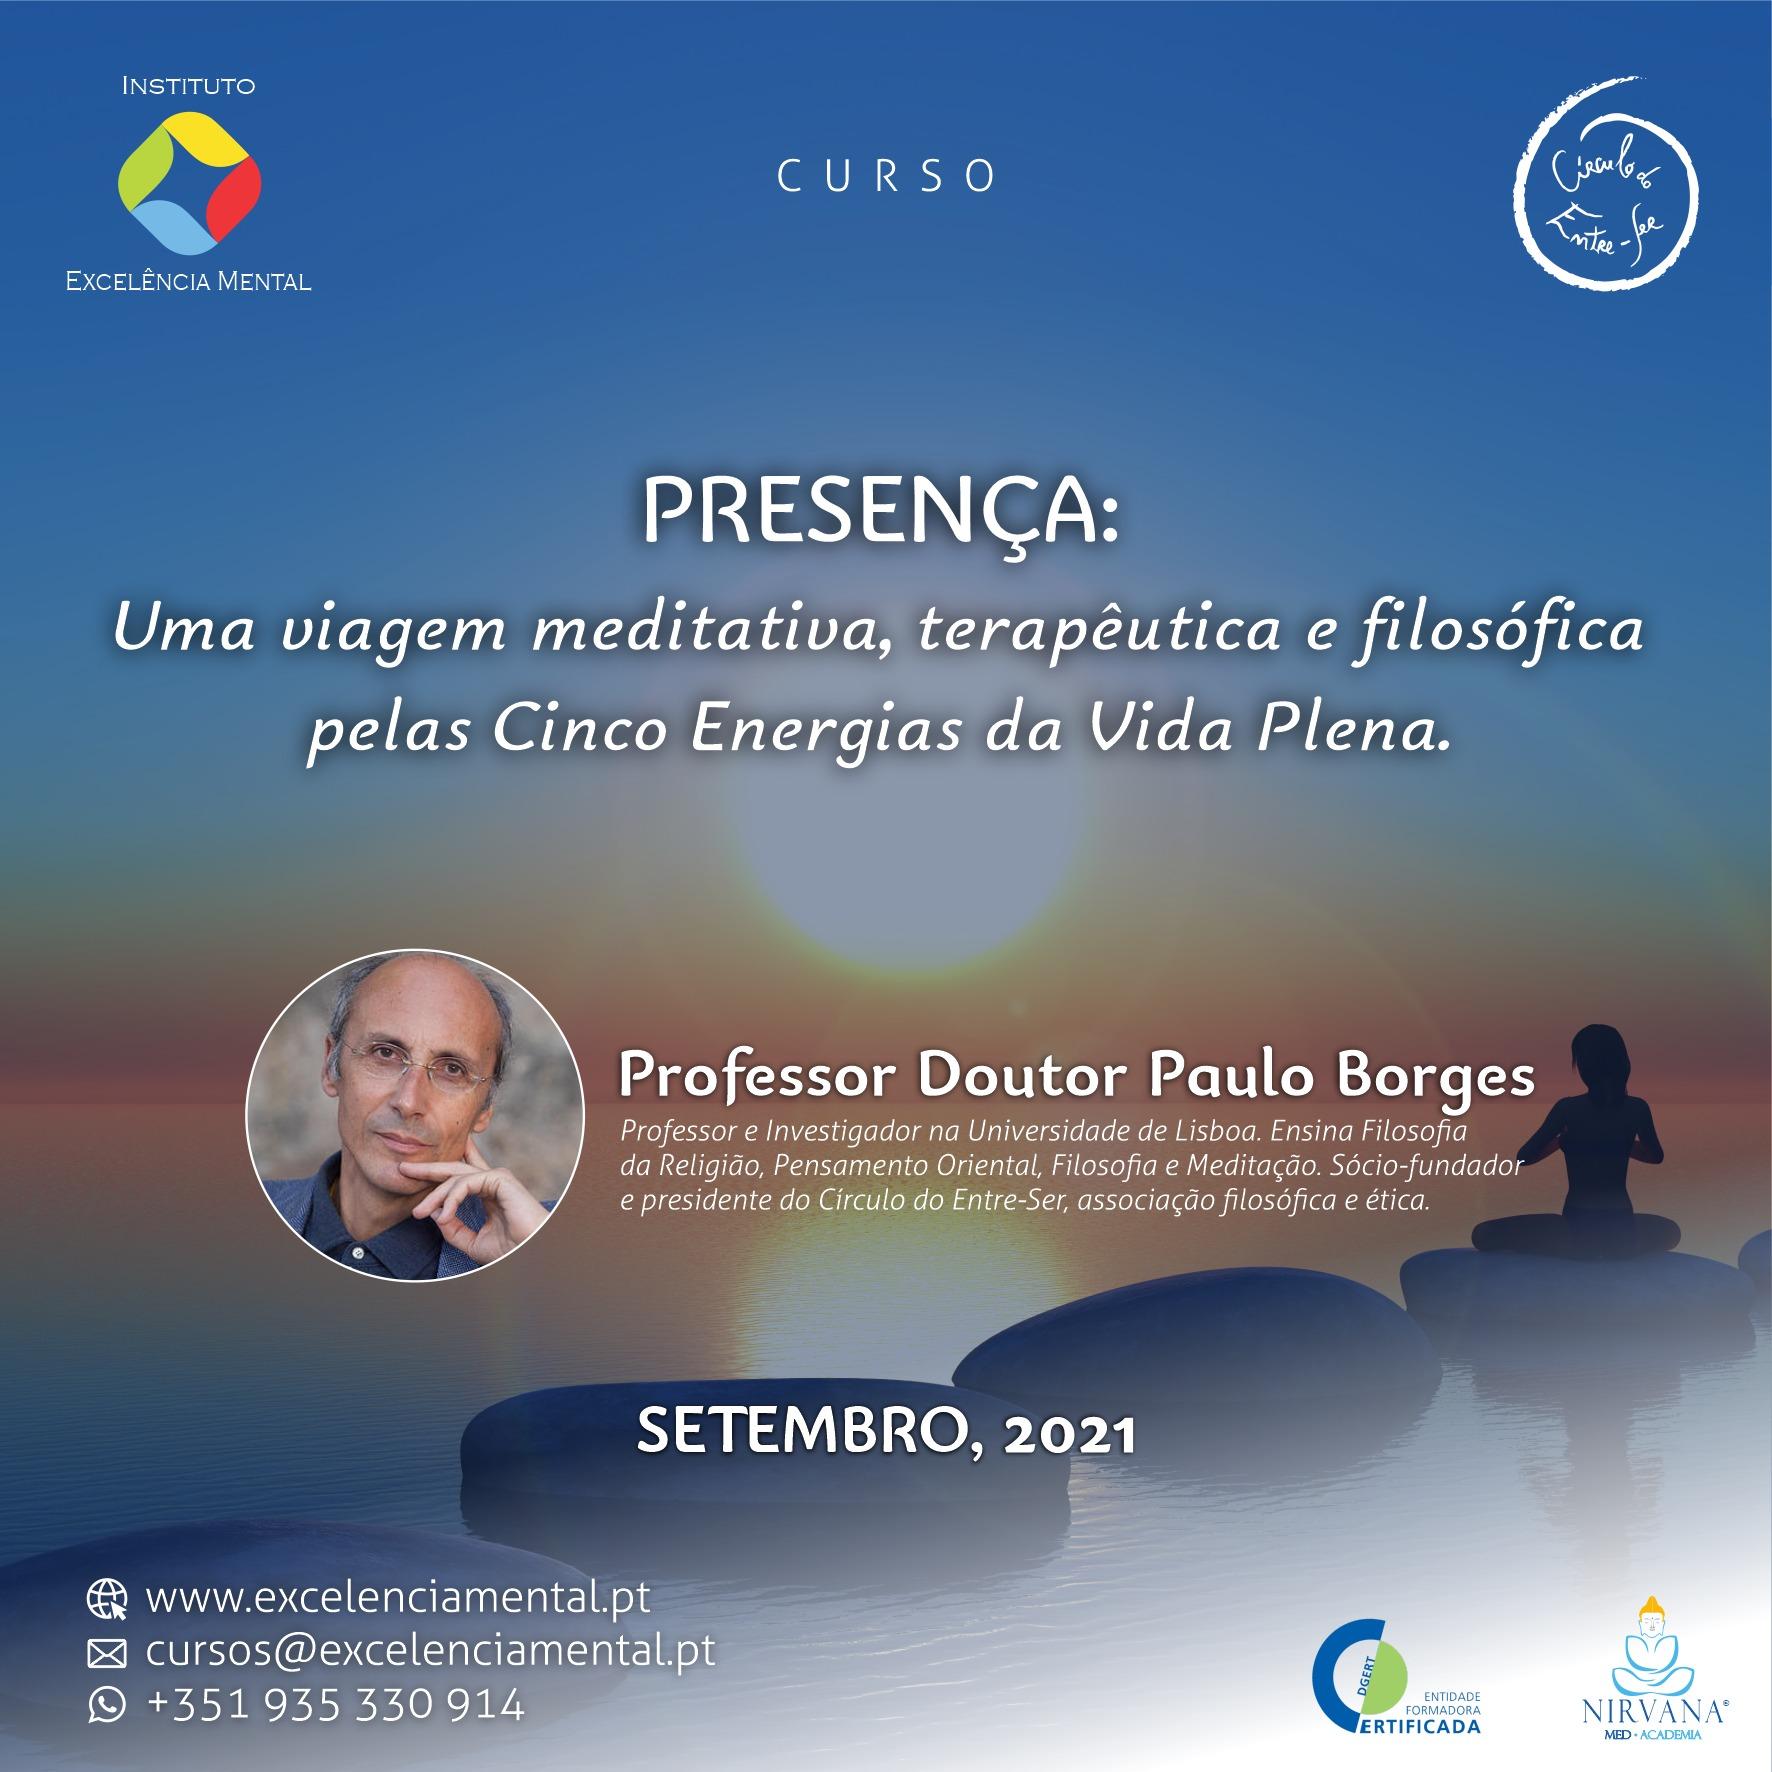 Curso Online: Presenca – Uma viagem meditativa, terapeutica e filosofica pelas Cinco Energias da Vida Plena